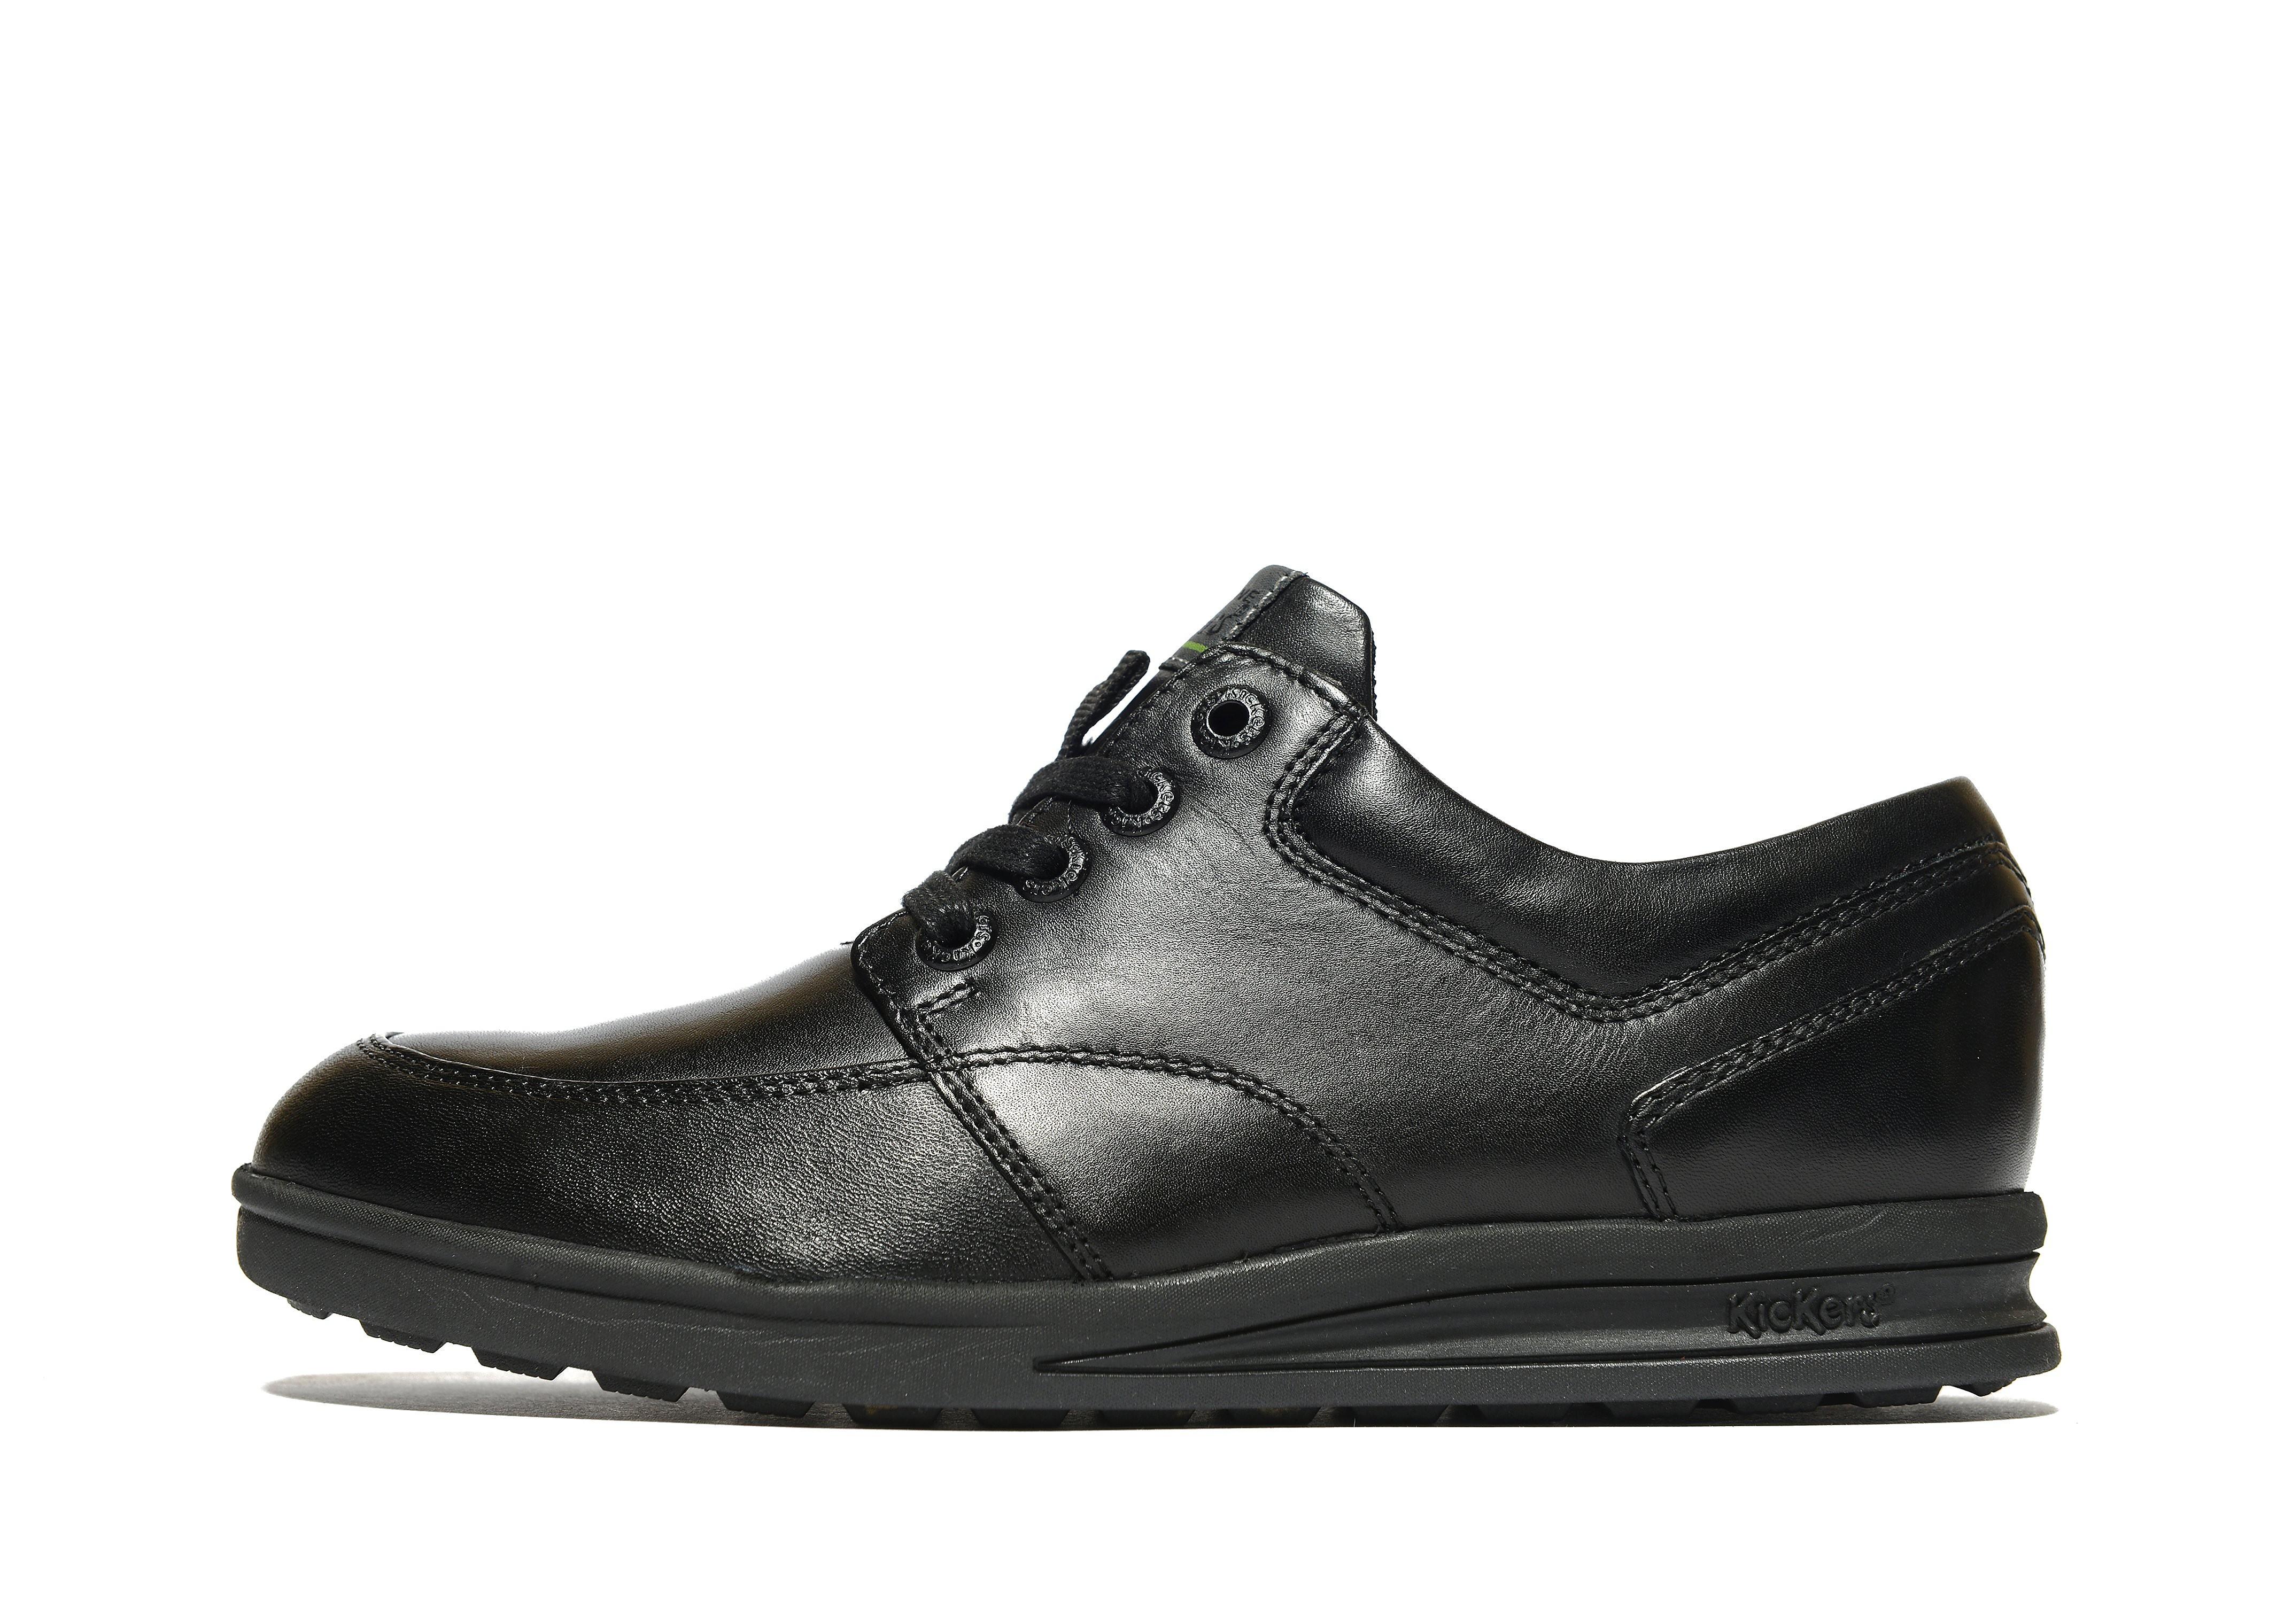 Kickers zapatos Troiko Lace